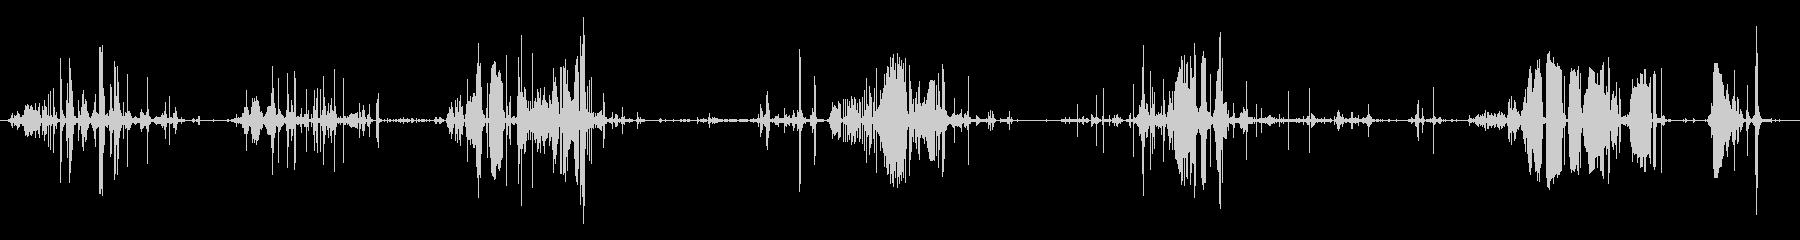 ウェットラバー:いくつかのハードキーキーの未再生の波形